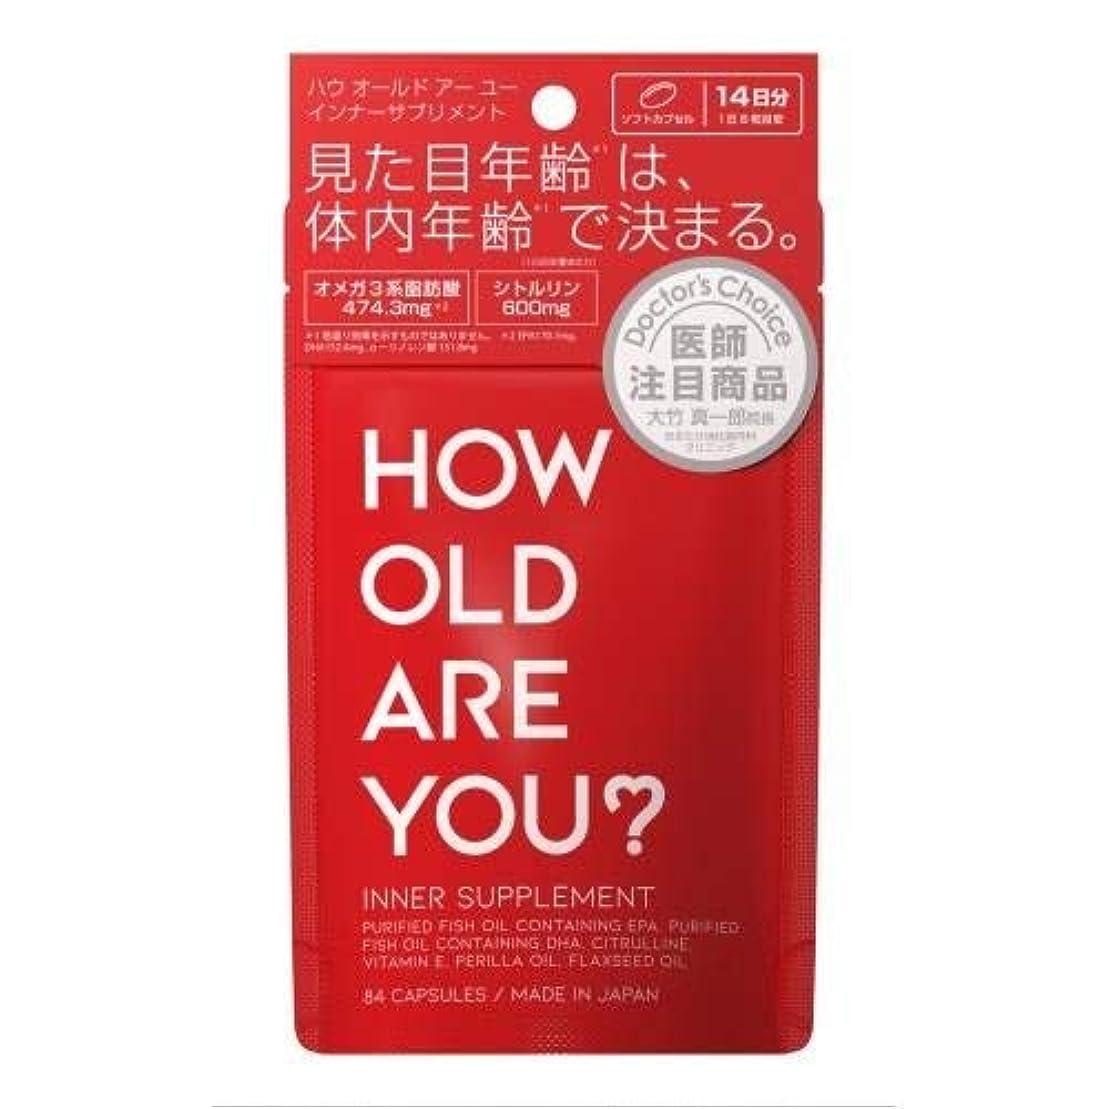 路面電車ぬるいクリスチャン【2個セット】HOW OLD ARE YOU?インナーサプリメント 84粒